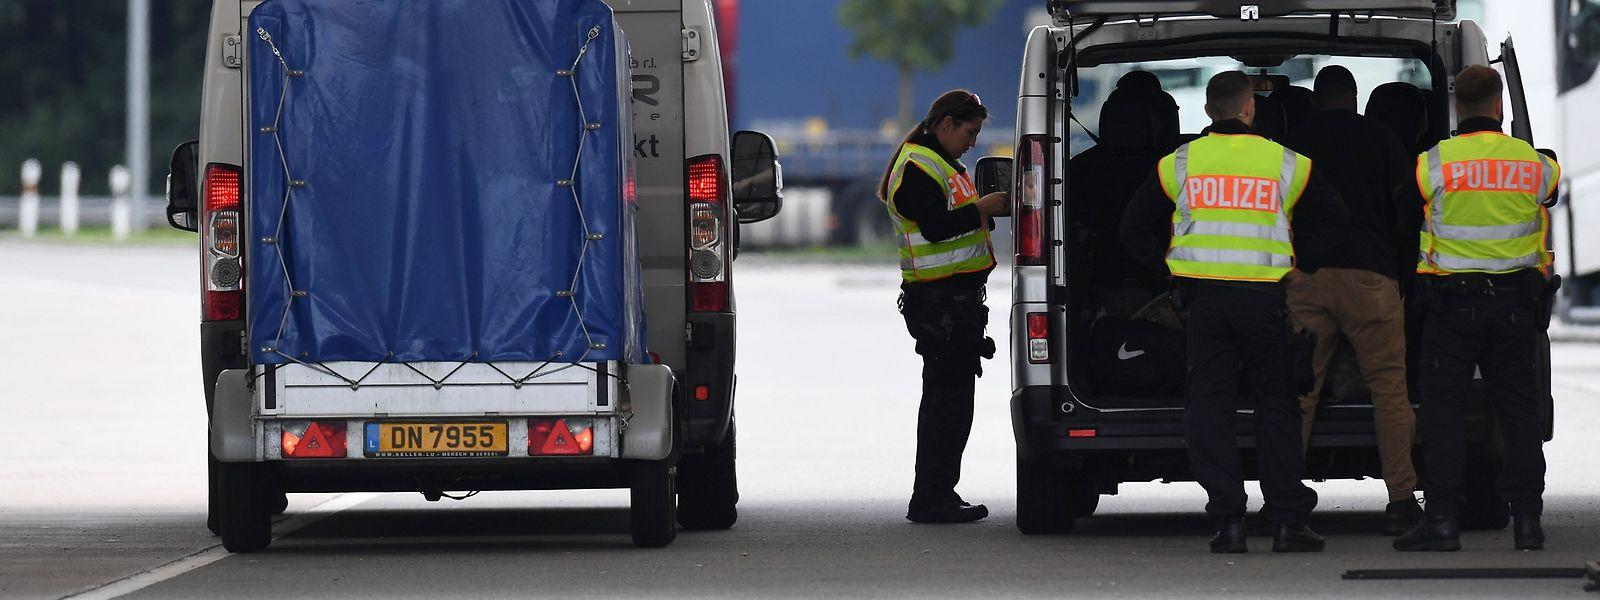 Grenzkontrolle der deutschen Polizei an der Grenze mit Österreich.